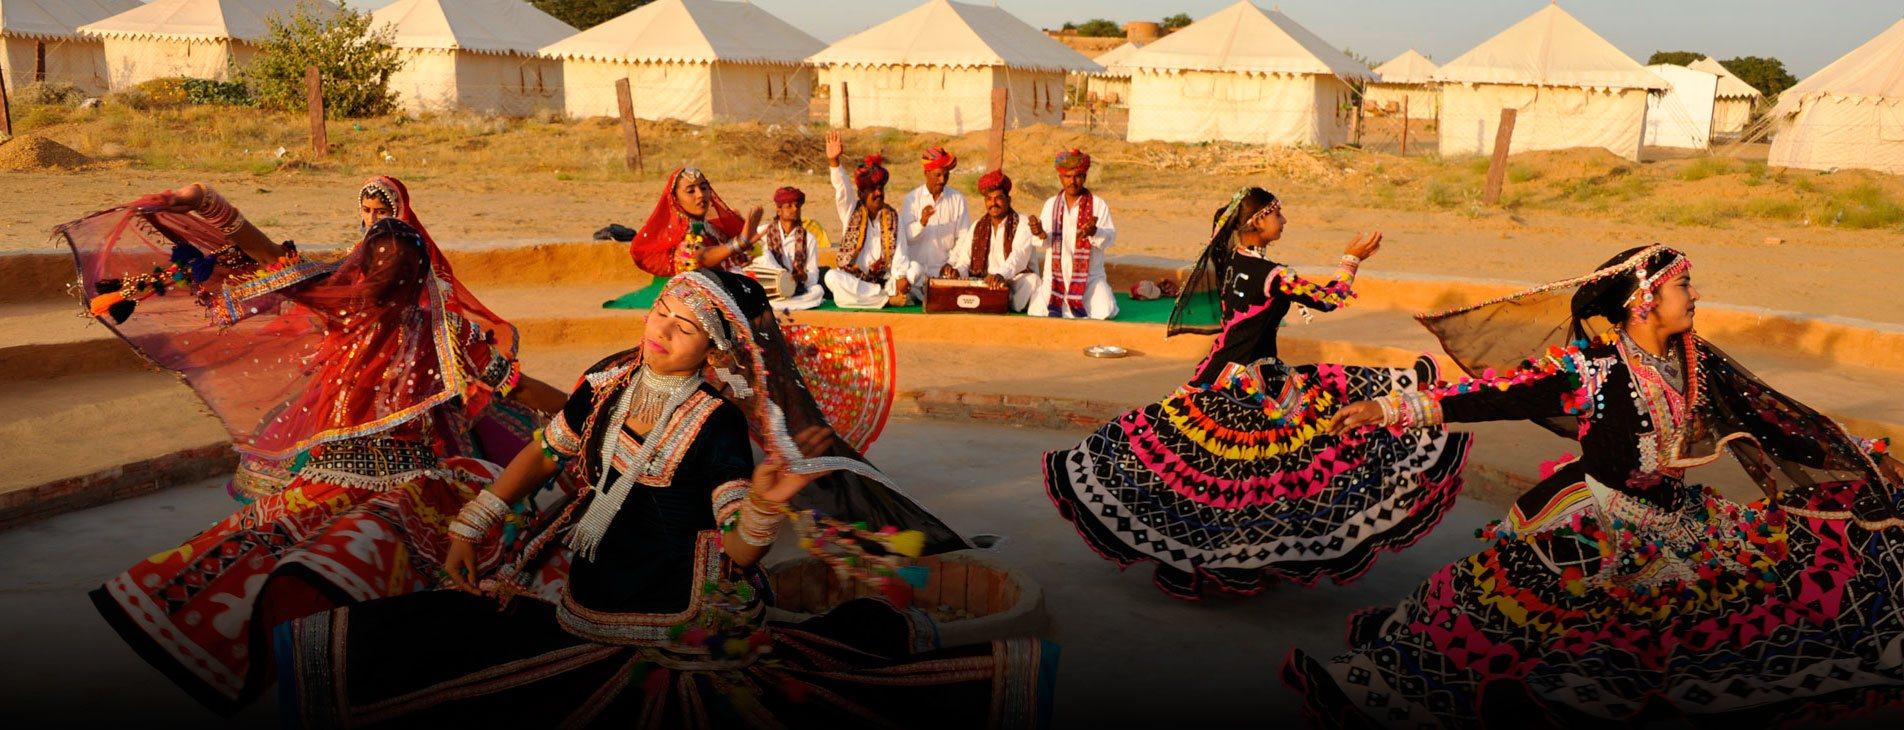 Kalbelia Dance of Rajasthan